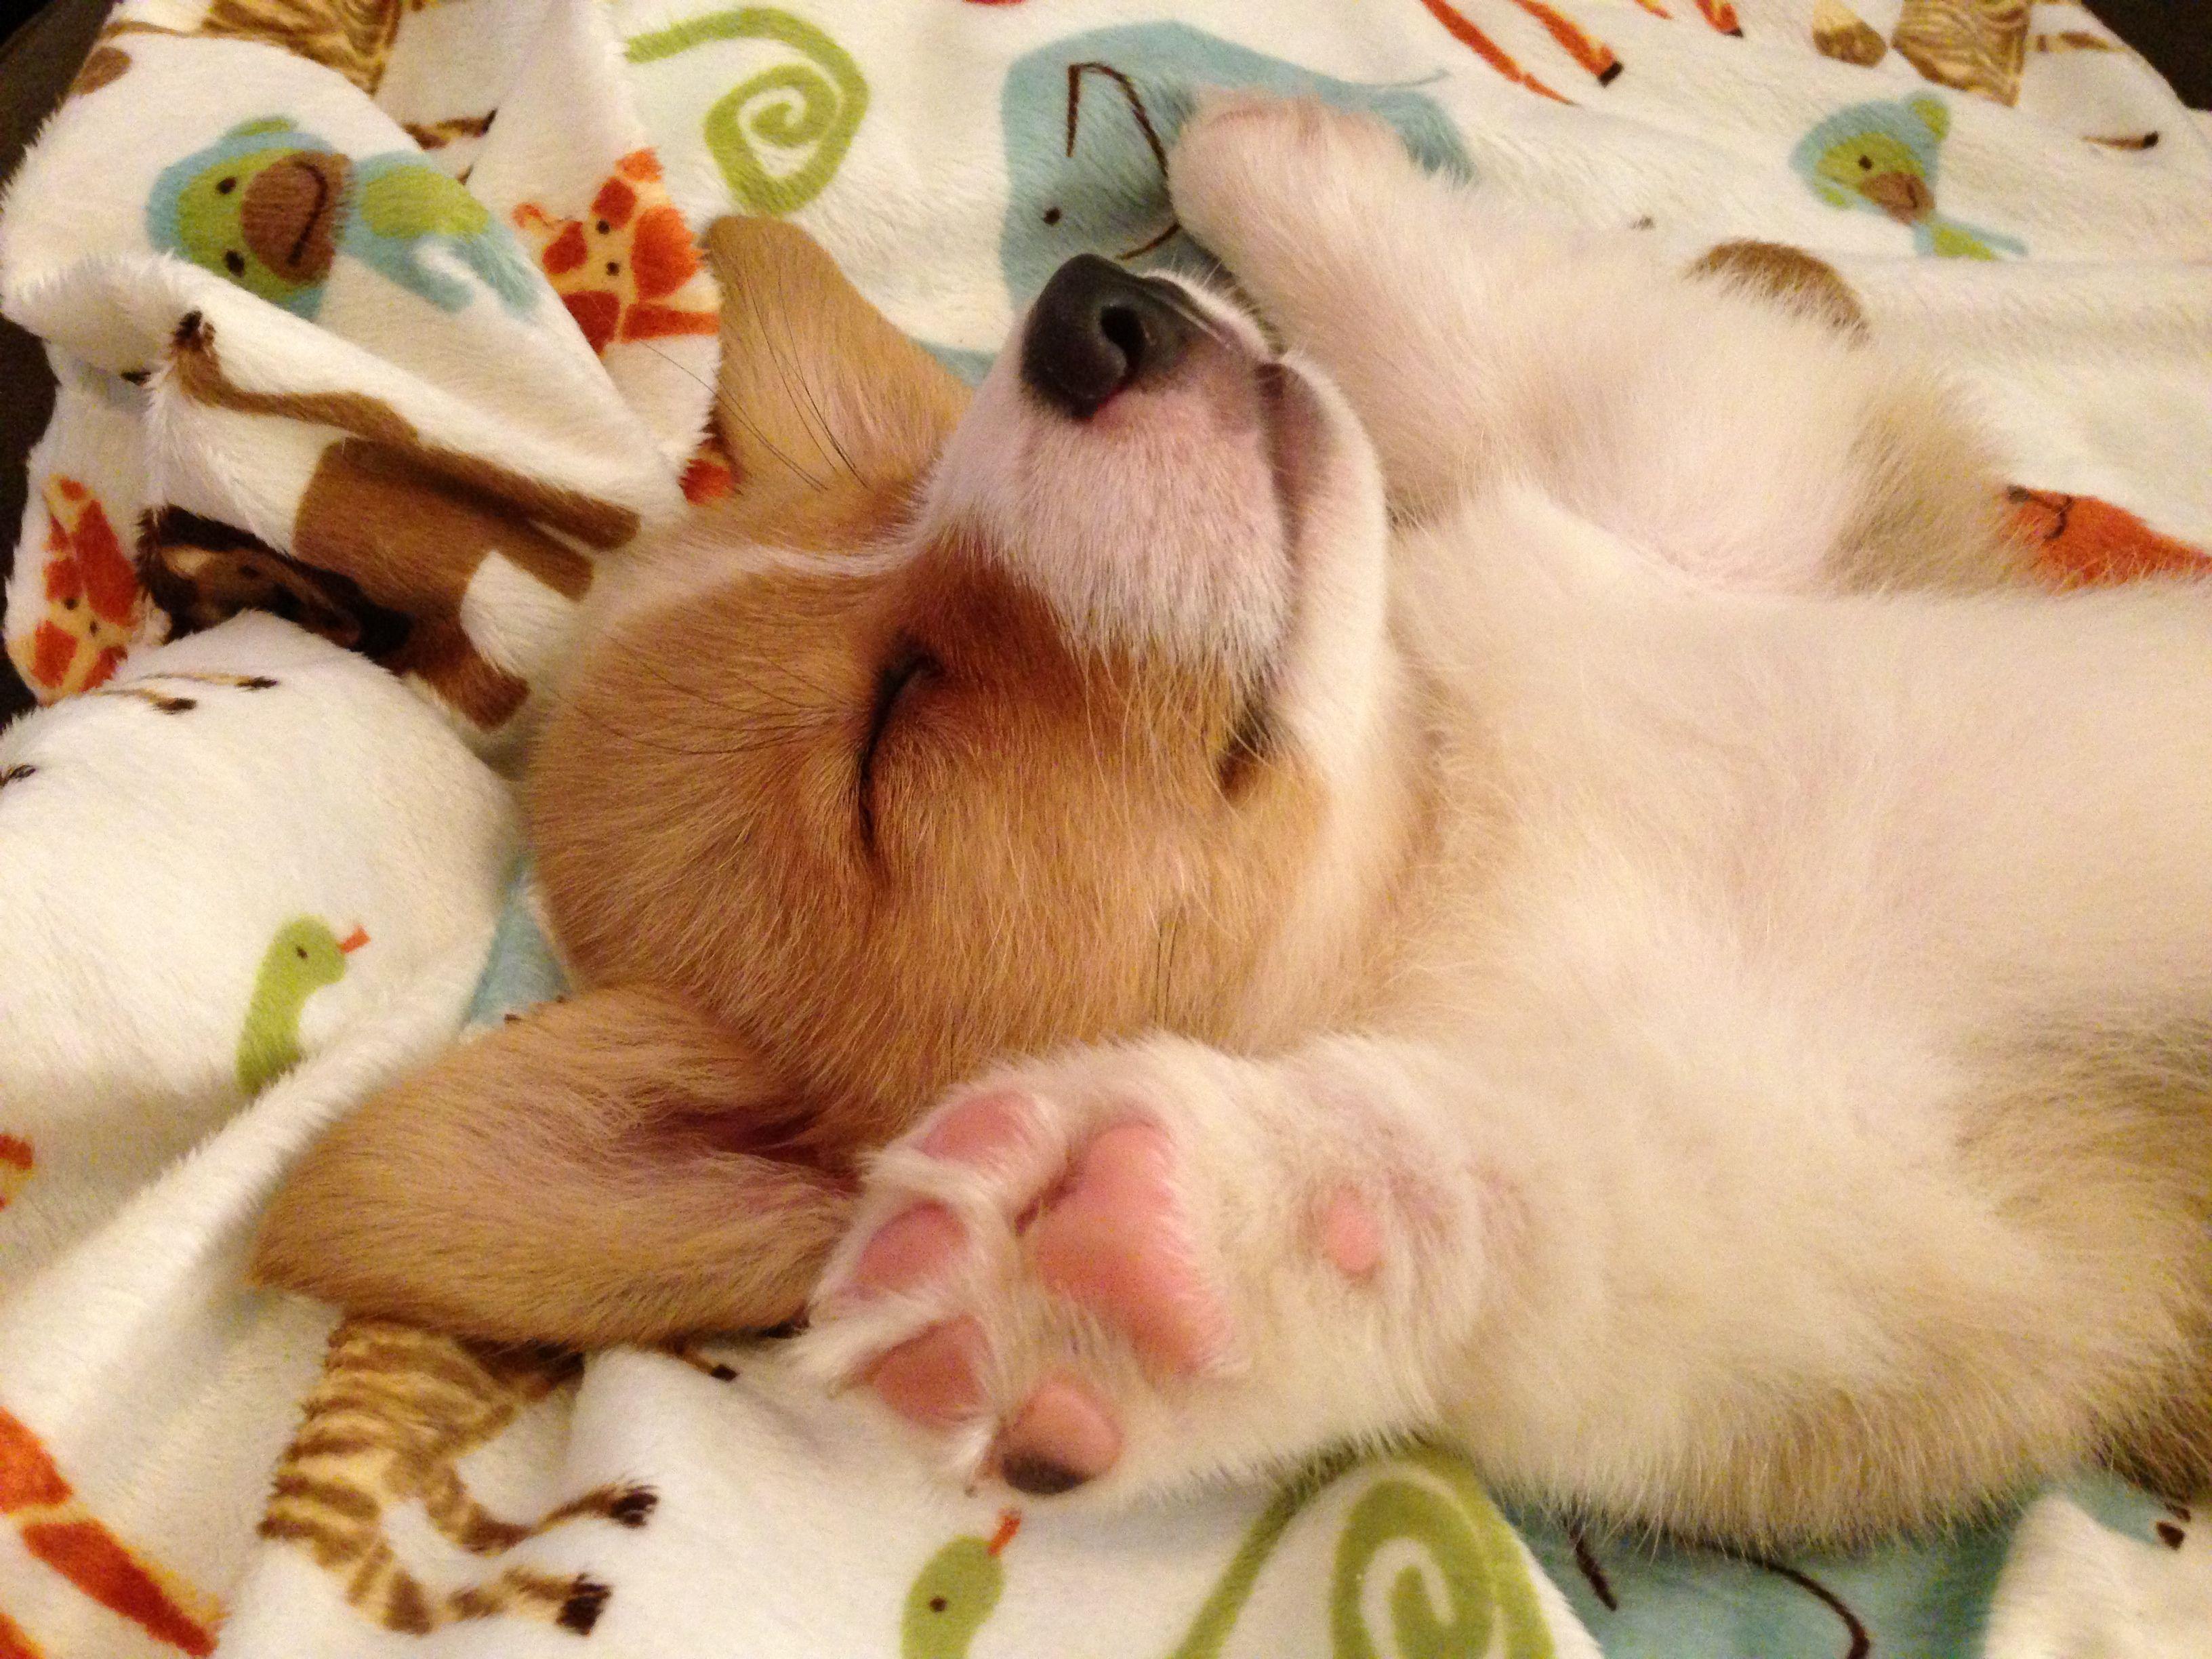 Jazz Hands In His Sleep Sleeping Puppies Welsh Corgi Puppies Corgi